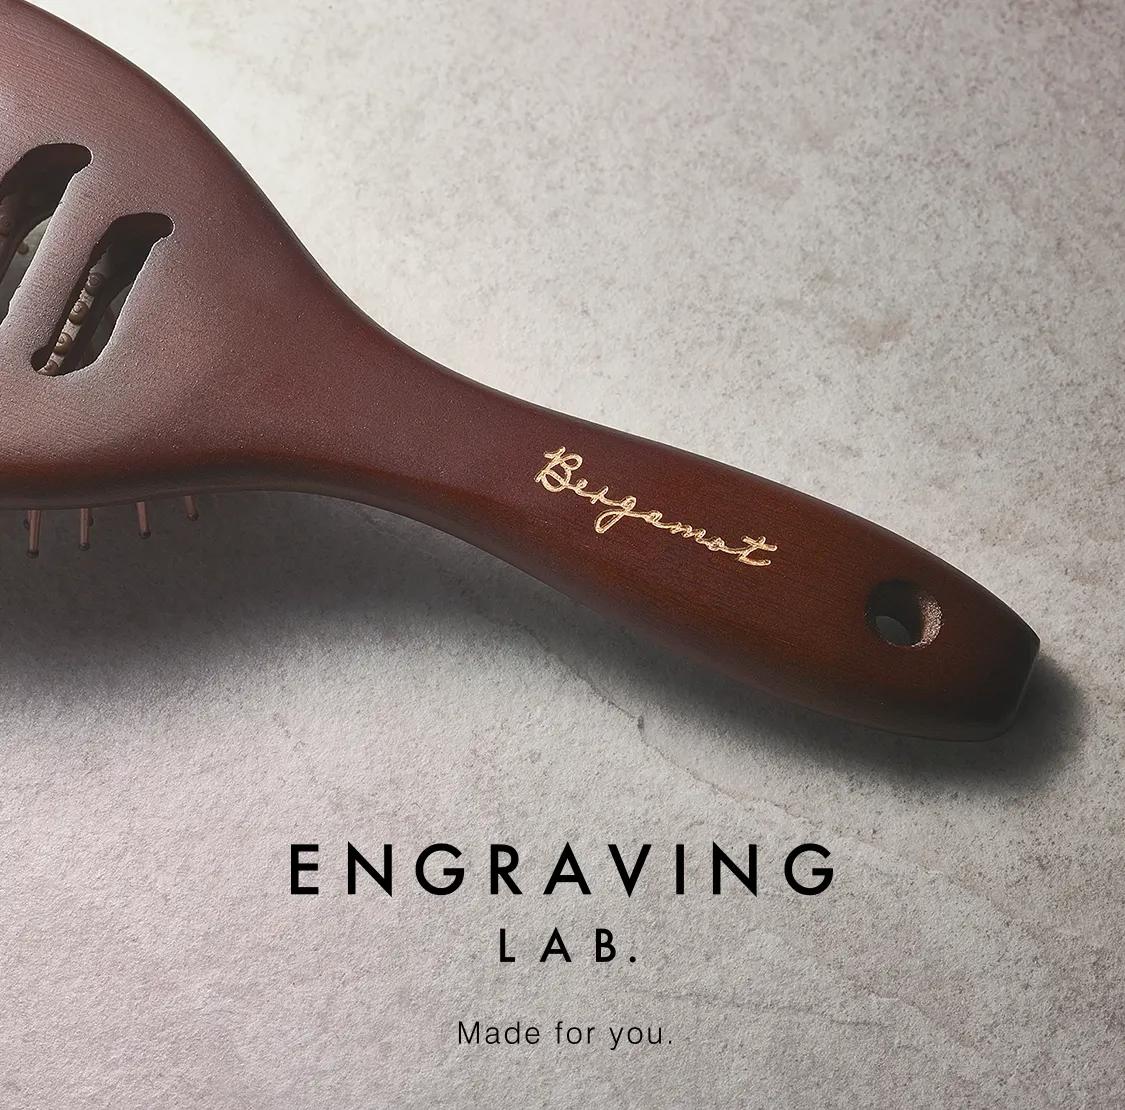 Engraving Lab.世界でたったひとつ、あなただけの一本に